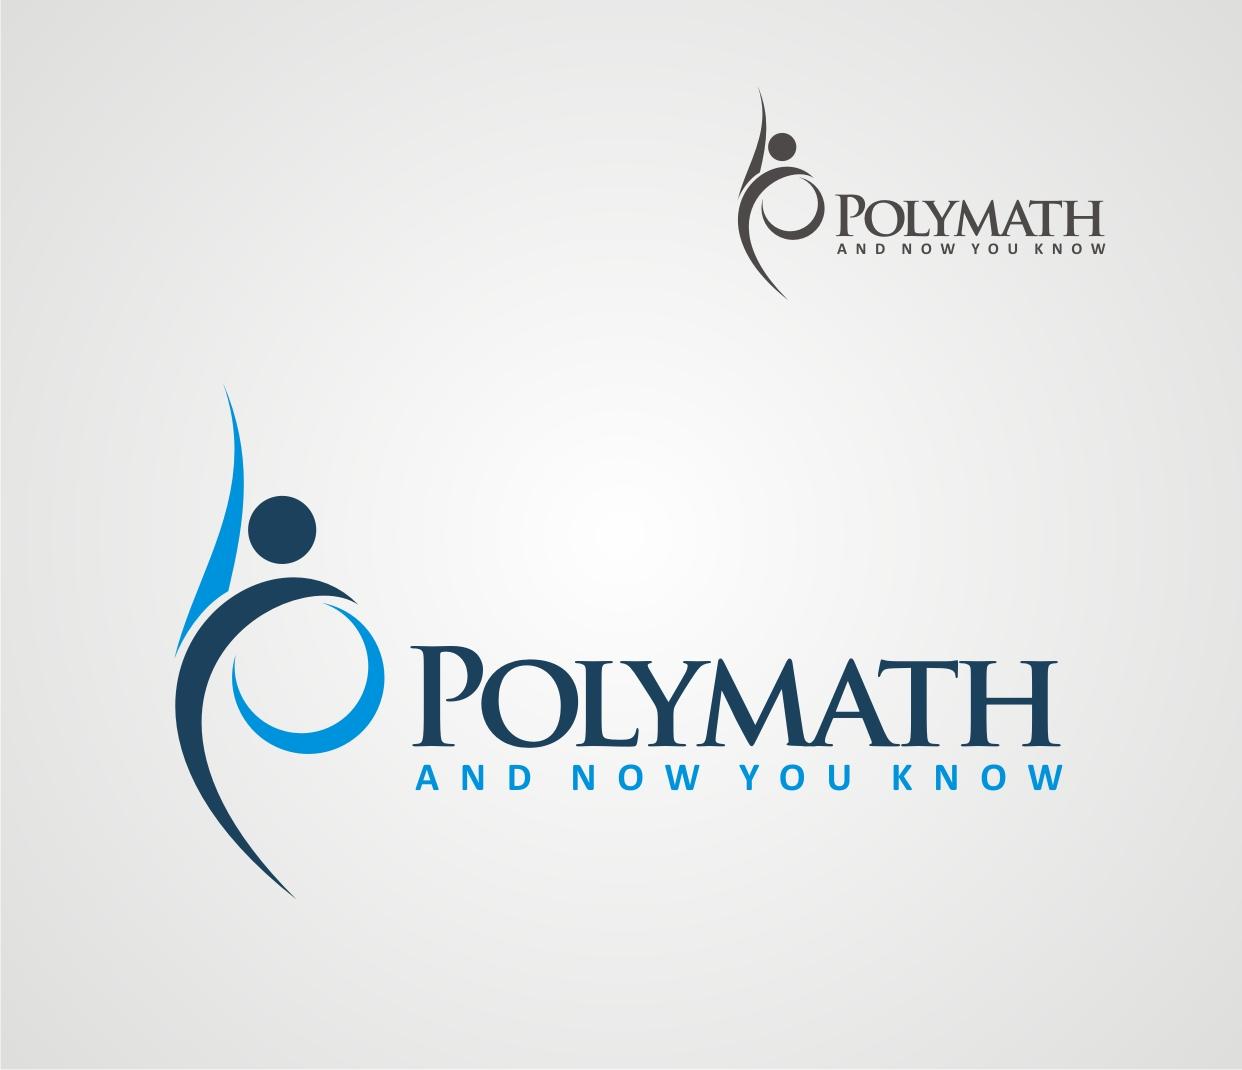 Logo Design by Reivan Ferdinan - Entry No. 7 in the Logo Design Contest Imaginative Logo Design for Polymath.